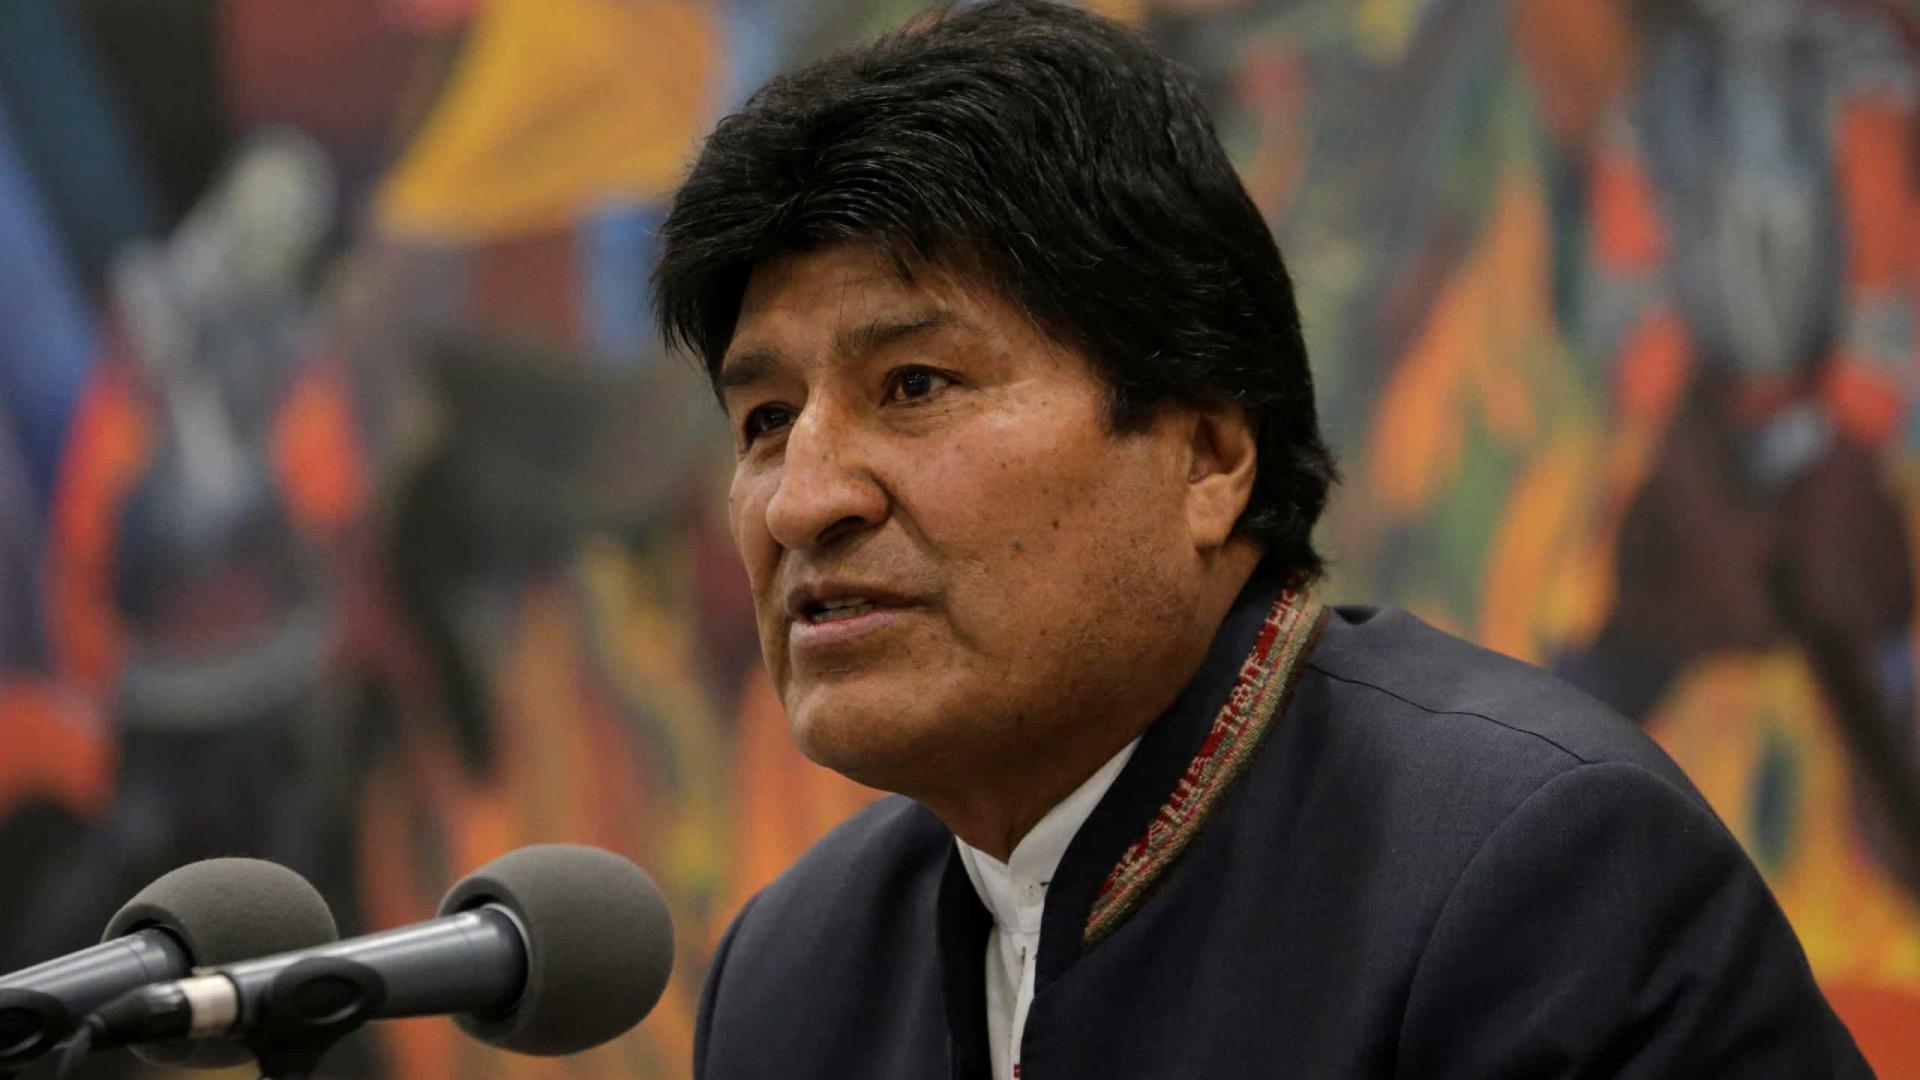 Justiça boliviana anula ordem de detenção contra Evo Morales